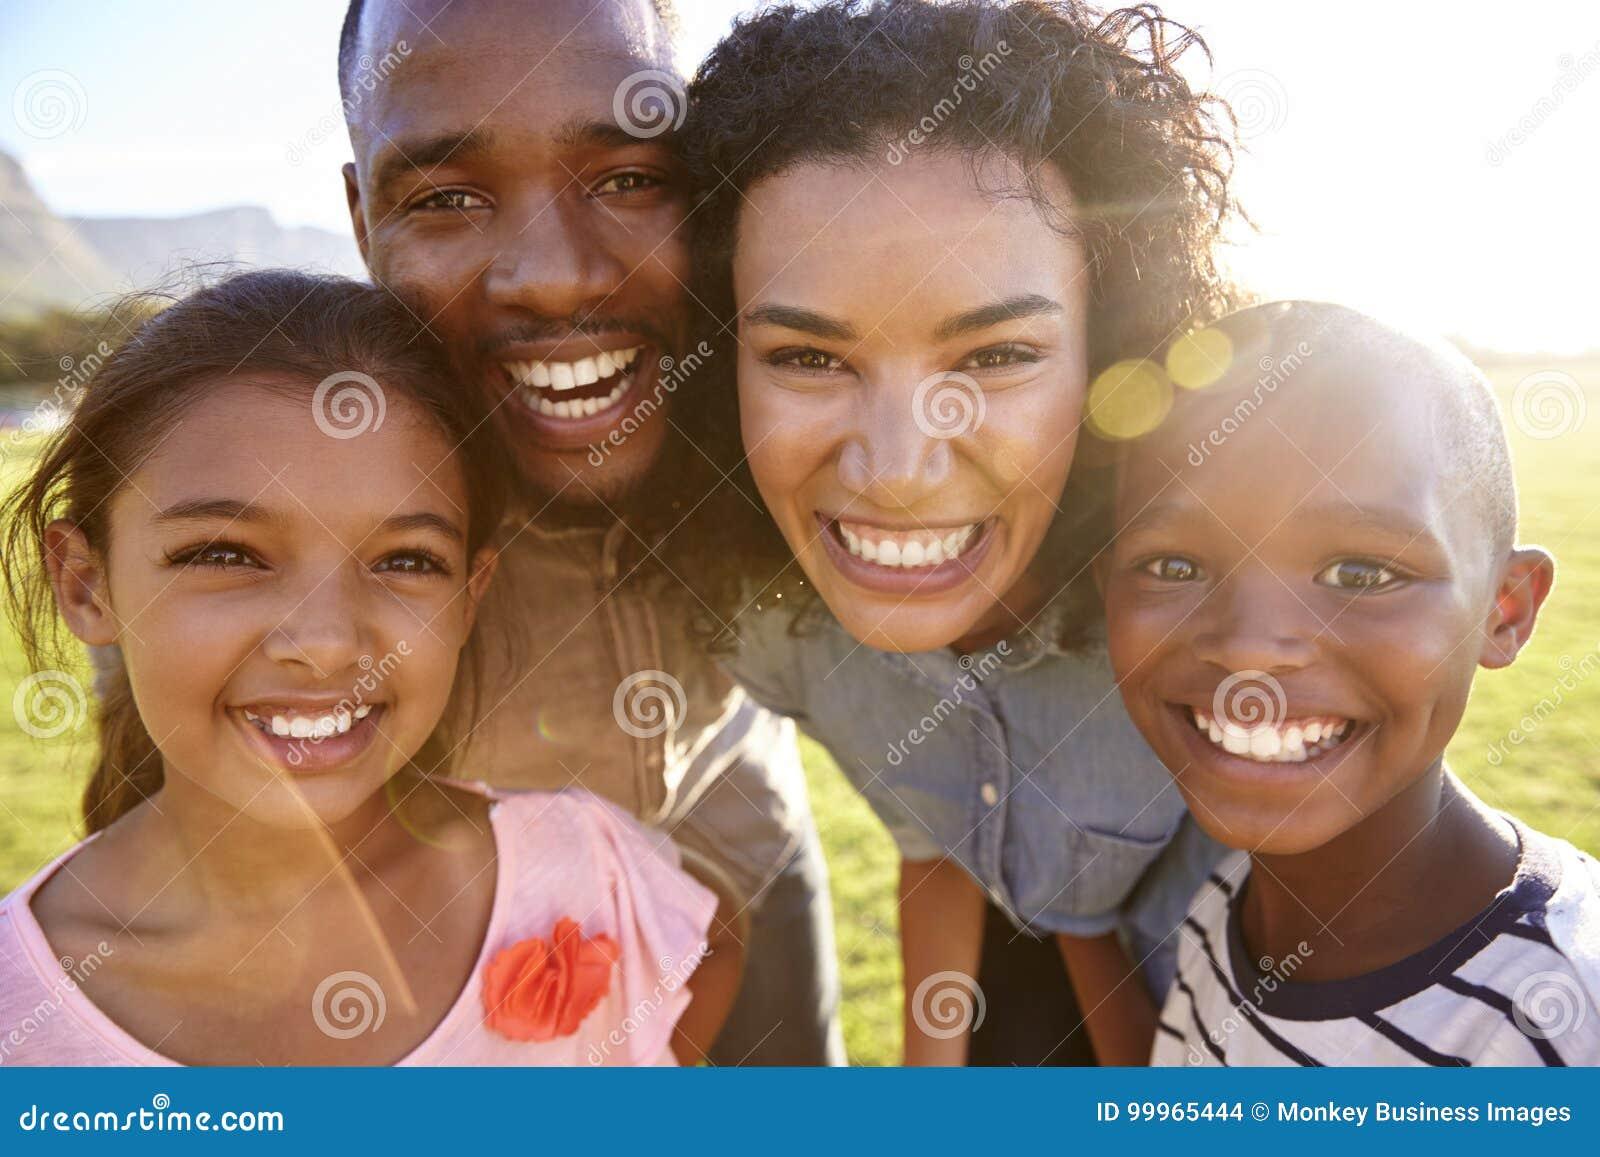 Η γελώντας οικογένεια μαύρων υπαίθρια, κλείνει επάνω, πίσω αναμμένο πορτρέτο